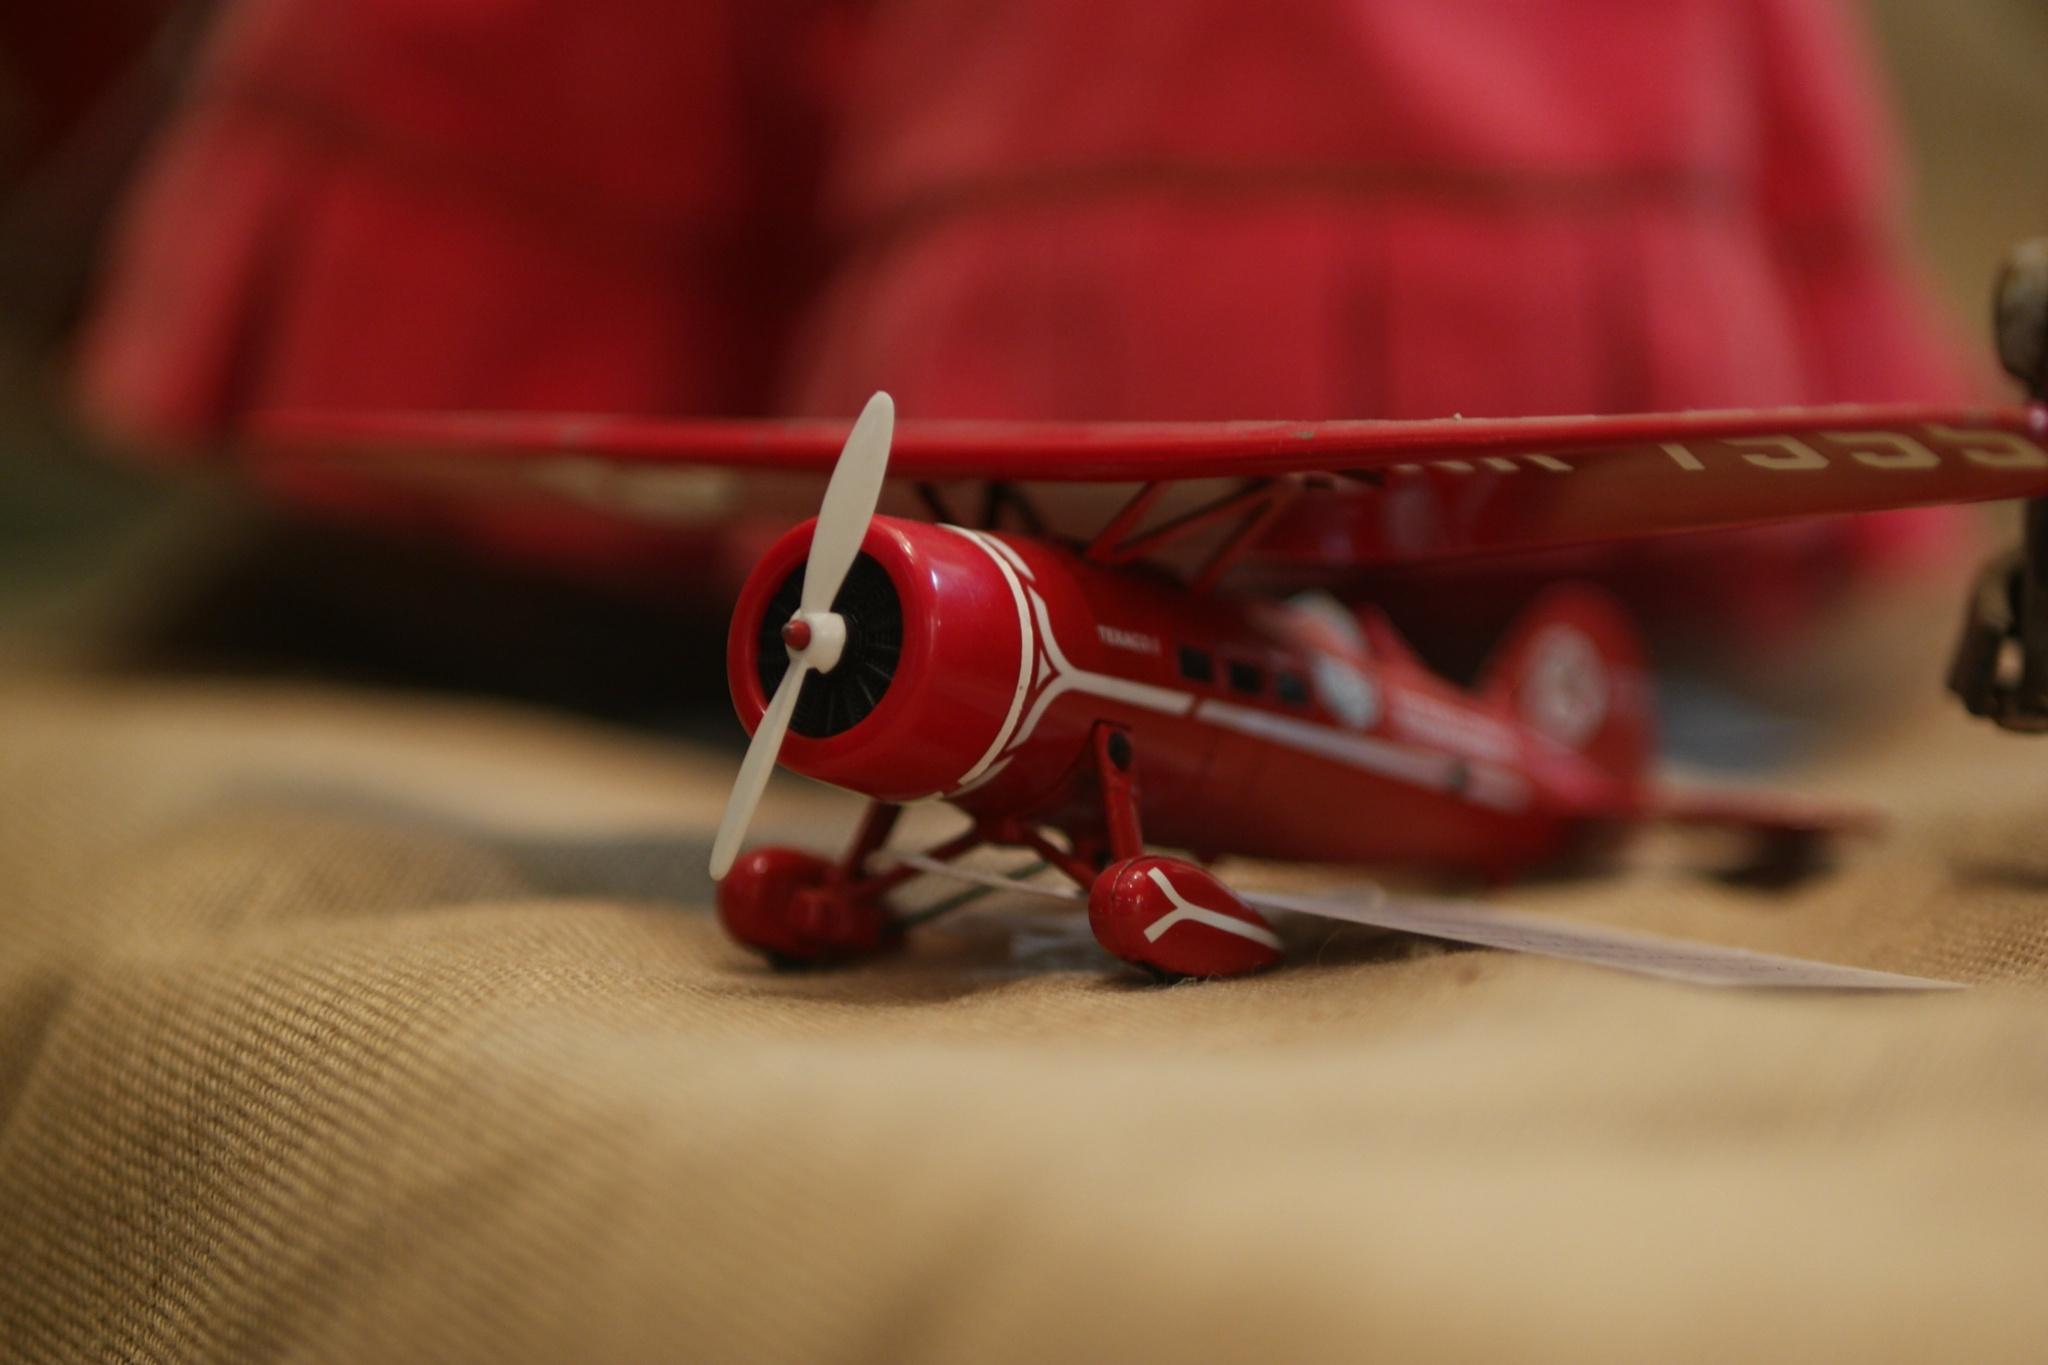 Red Plane by Tiki Tim